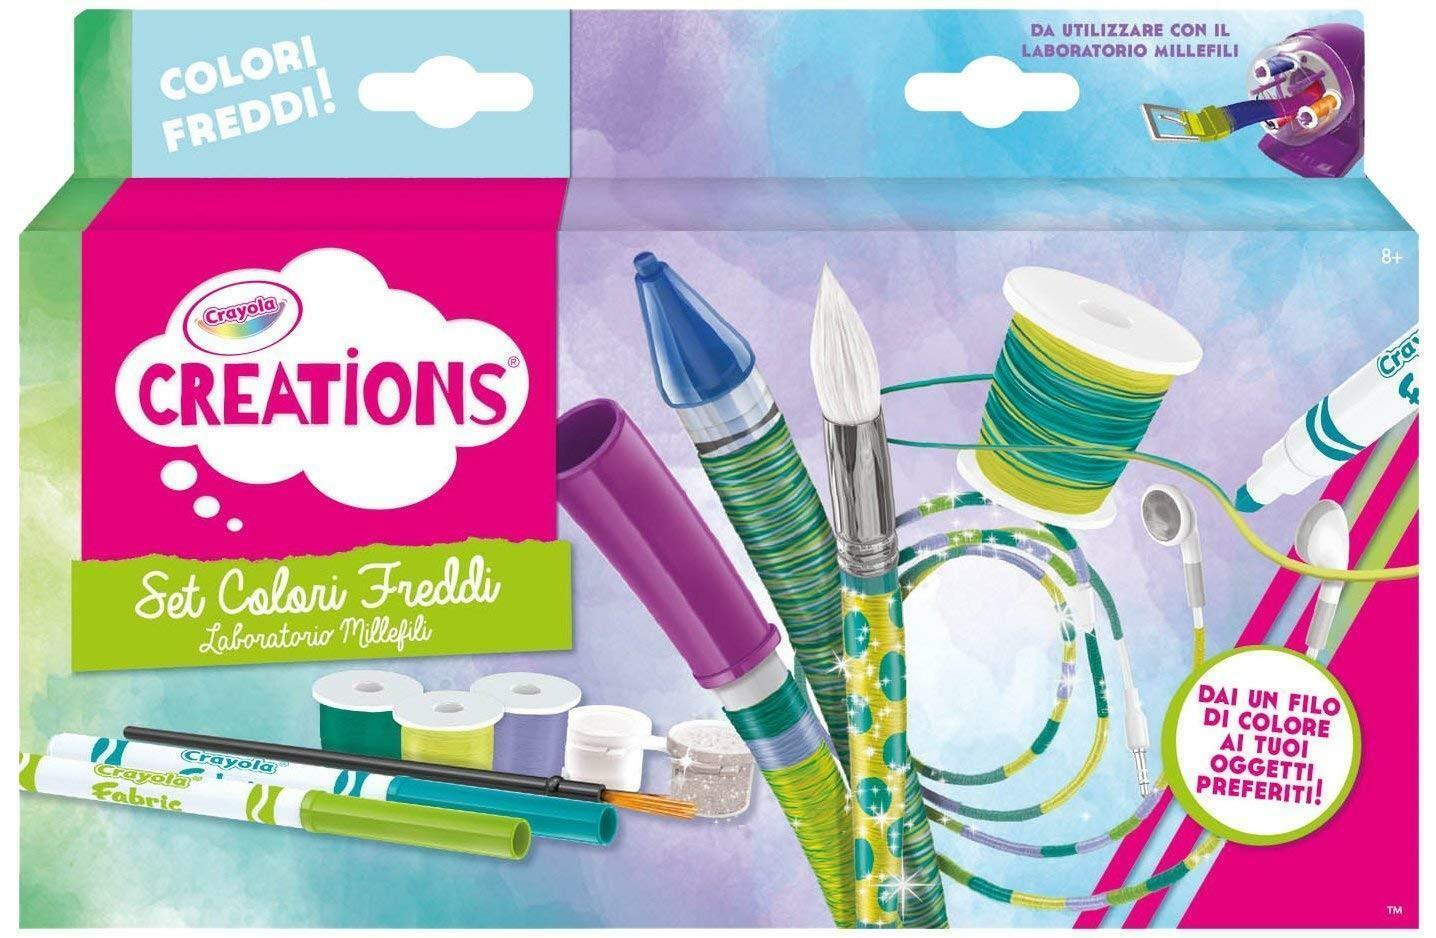 crayola set colori caldi per laboratorio millefili